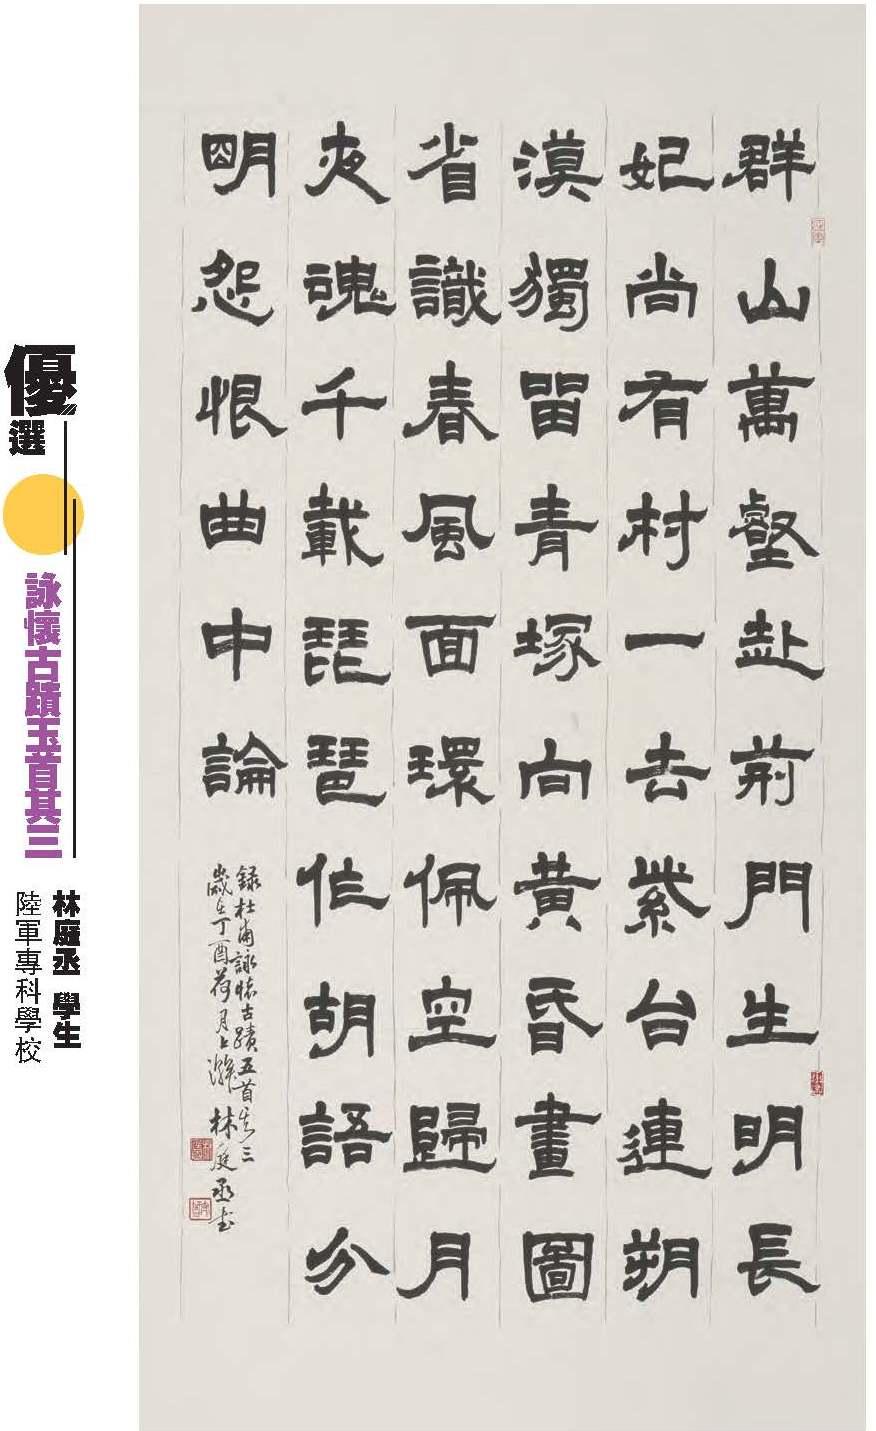 51屆書法項國軍組優選_詠懷古蹟玉首其三_林庭丞.jpg